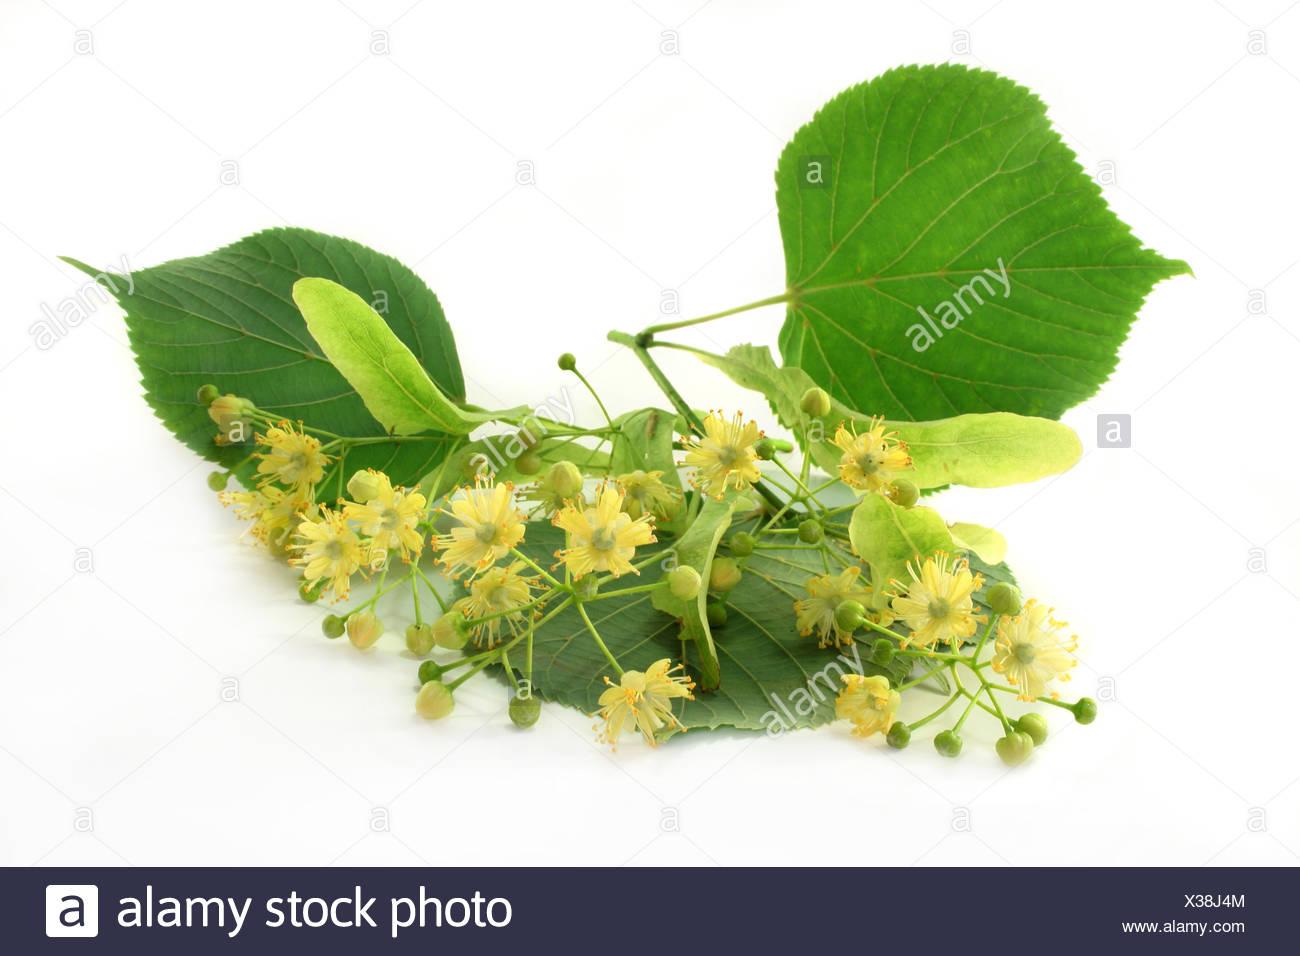 Echter Ziest Stachys officinalis Heilziest Betonie Heilpflanze Teepflanze